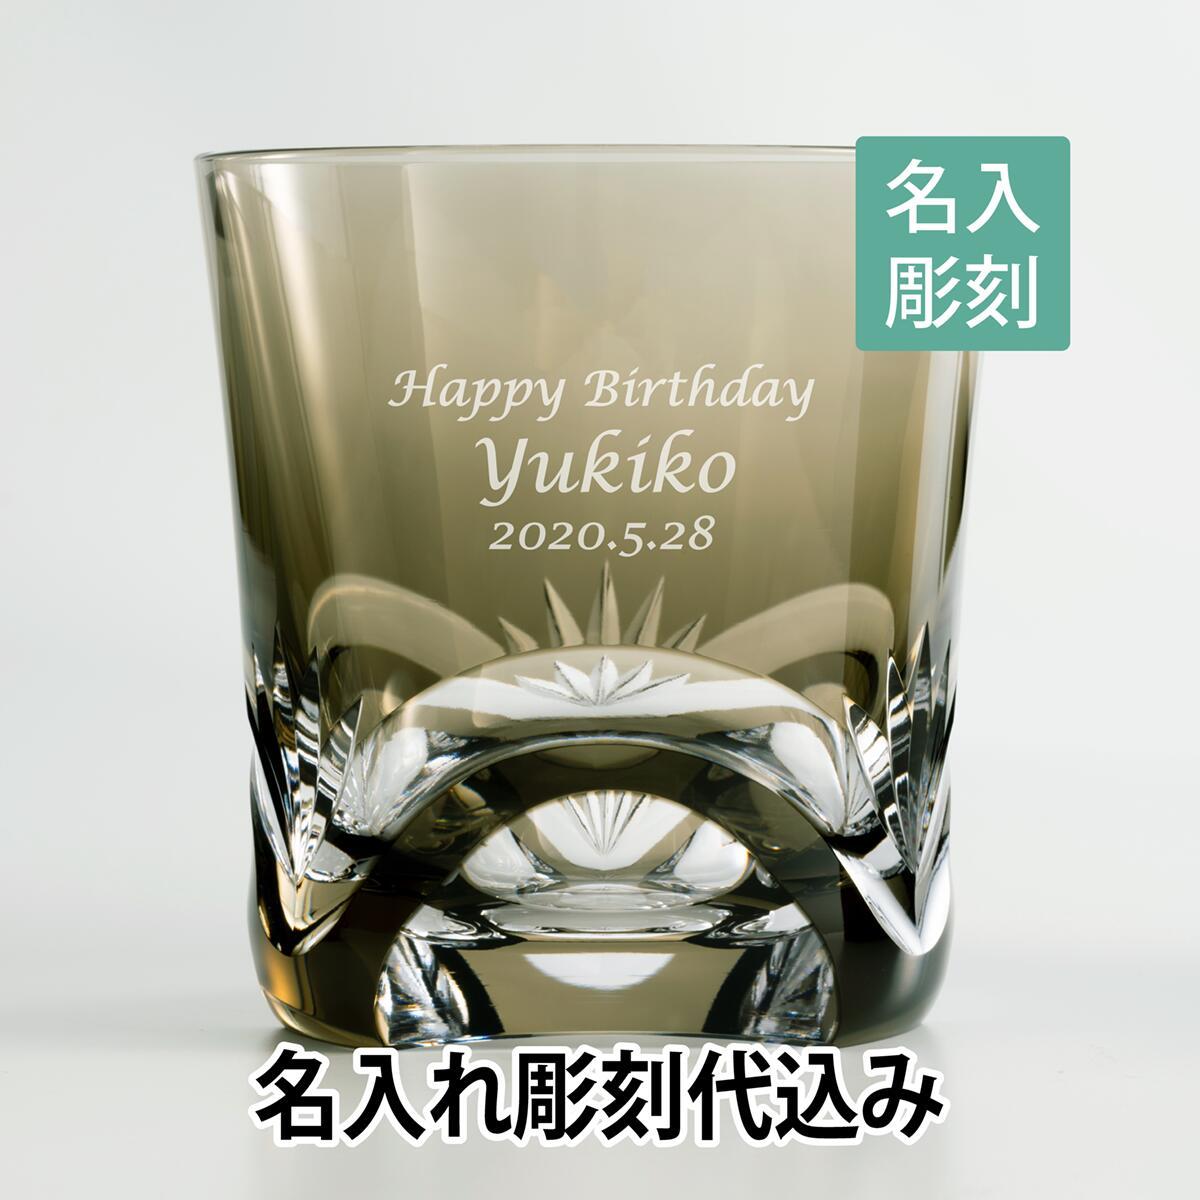 国内老舗ブランド 激安 激安特価 送料無料 日本大使館や晩餐会でも使用される信頼の日本製グラス KAGAMI カガミクリスタル T685-2393-BLK 全店販売中 名入れ彫刻代込み ロックグラス